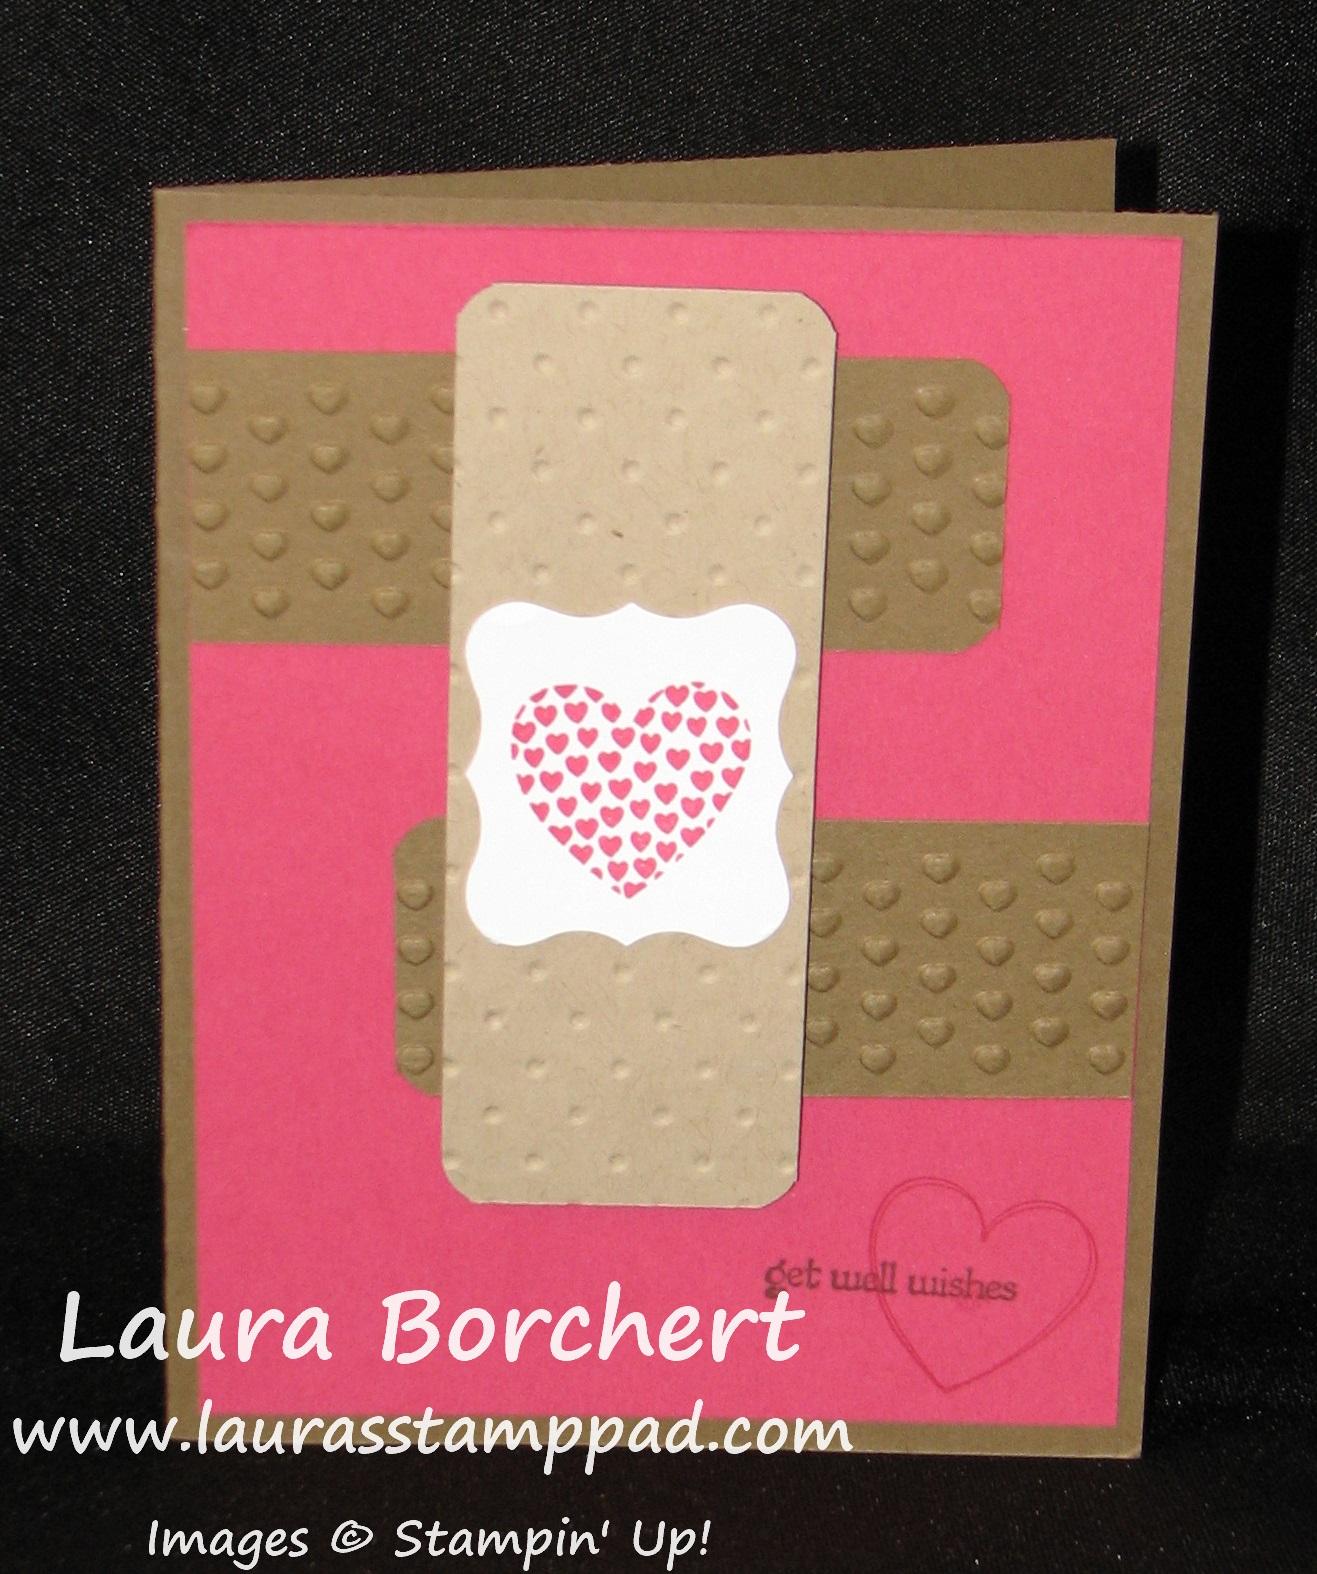 Bandaid Card, www.LaurasStampPad.com